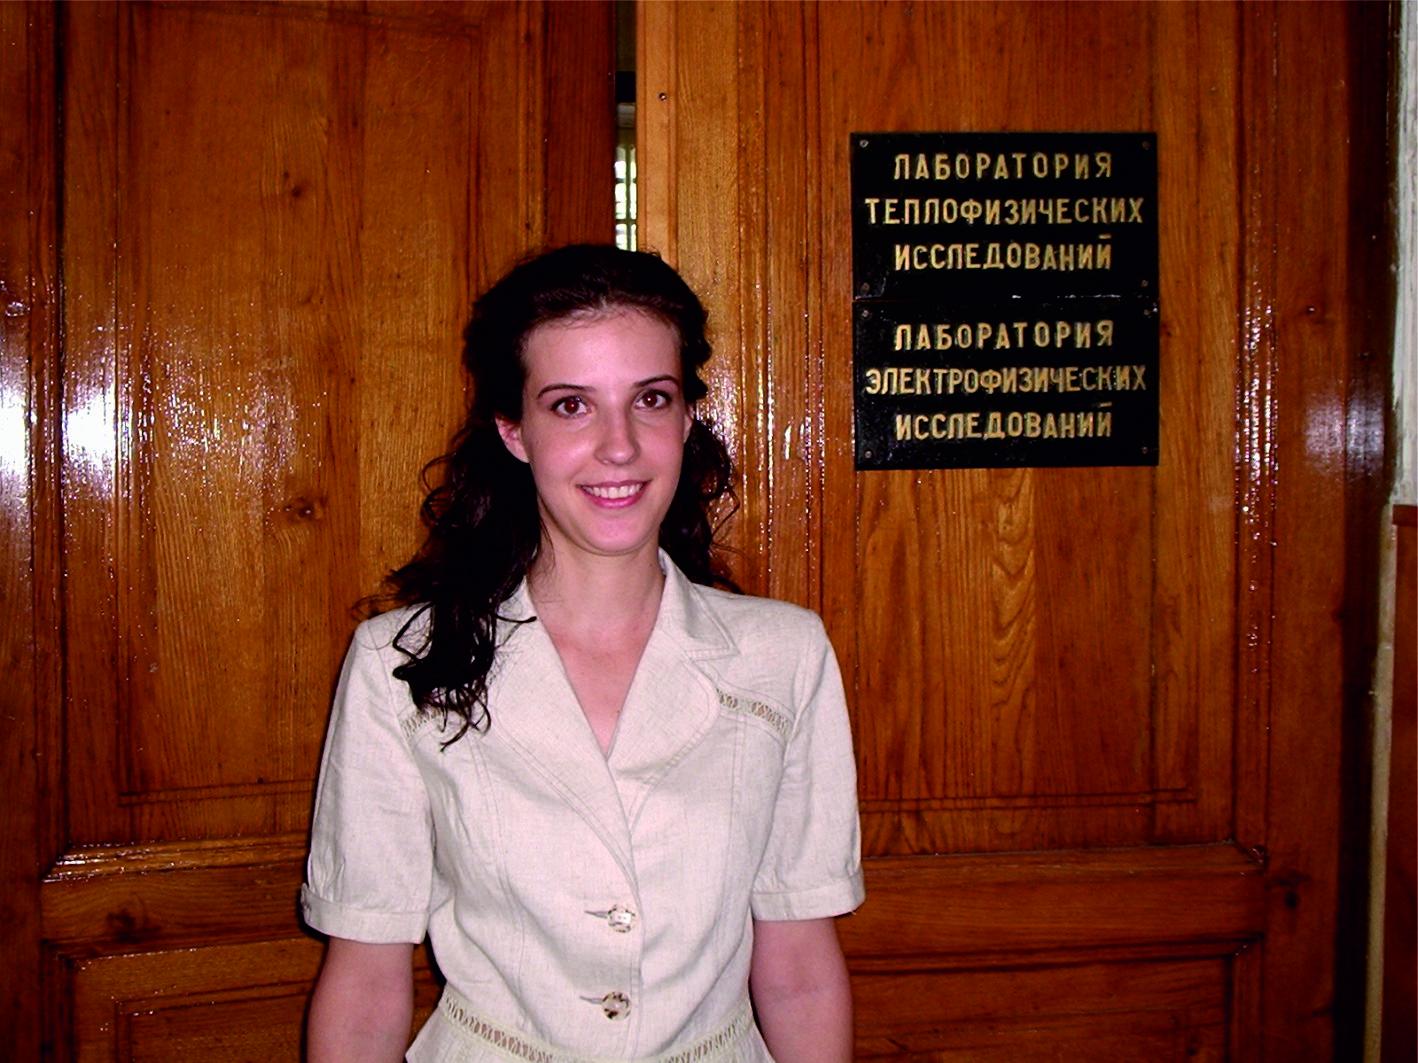 Отзывы выпускников Кафедра технології кераміки вогнетривів  1 сентября 2000 года Как давно это было А в памяти как будто только вчера было посвящение в студенты первое знакомство с одногруппниками и еще